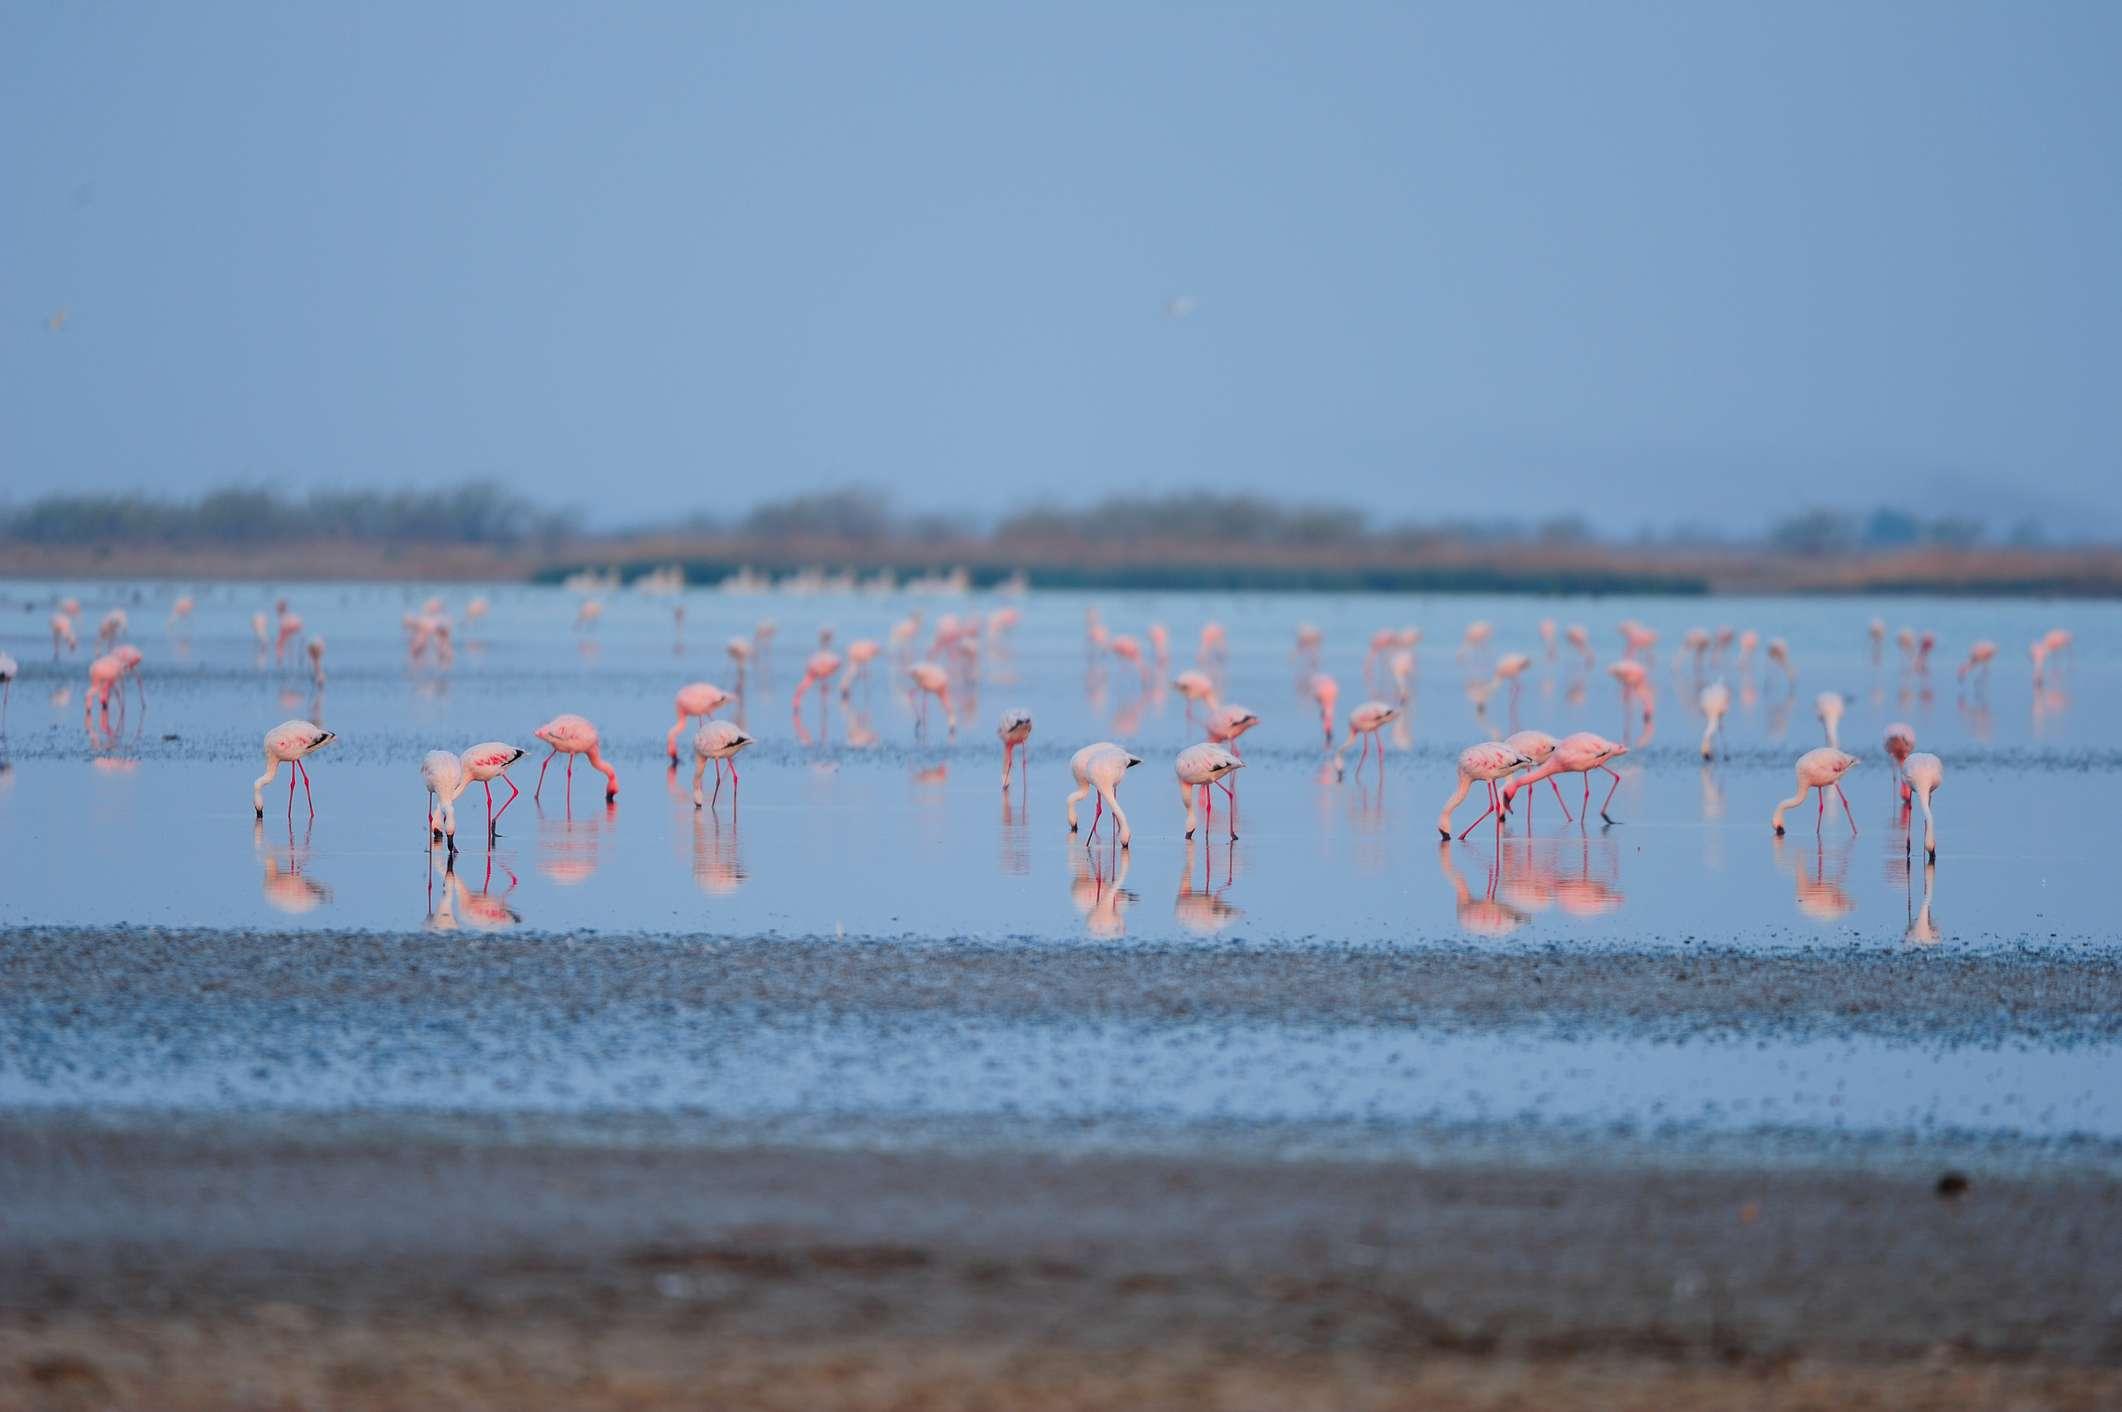 Flamingos feed on the brackish water in Little Rann of Kutch, Gujarat